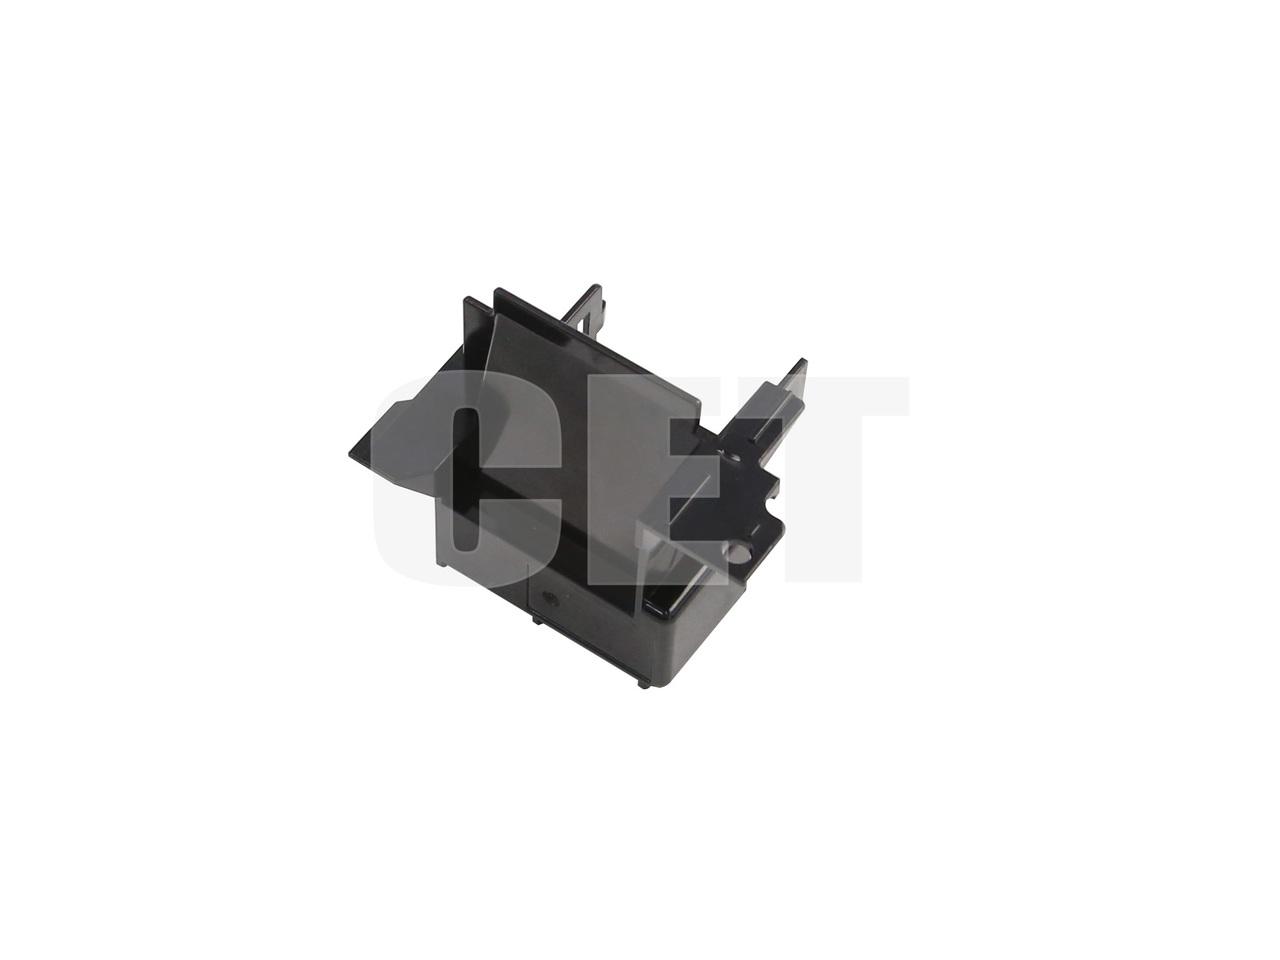 Левая крышка фьюзера RC4-7253-000 для HP LaserJetEnterprise M607dn/608dn/609dn, MFP M631dn/632h (CET),CET371002